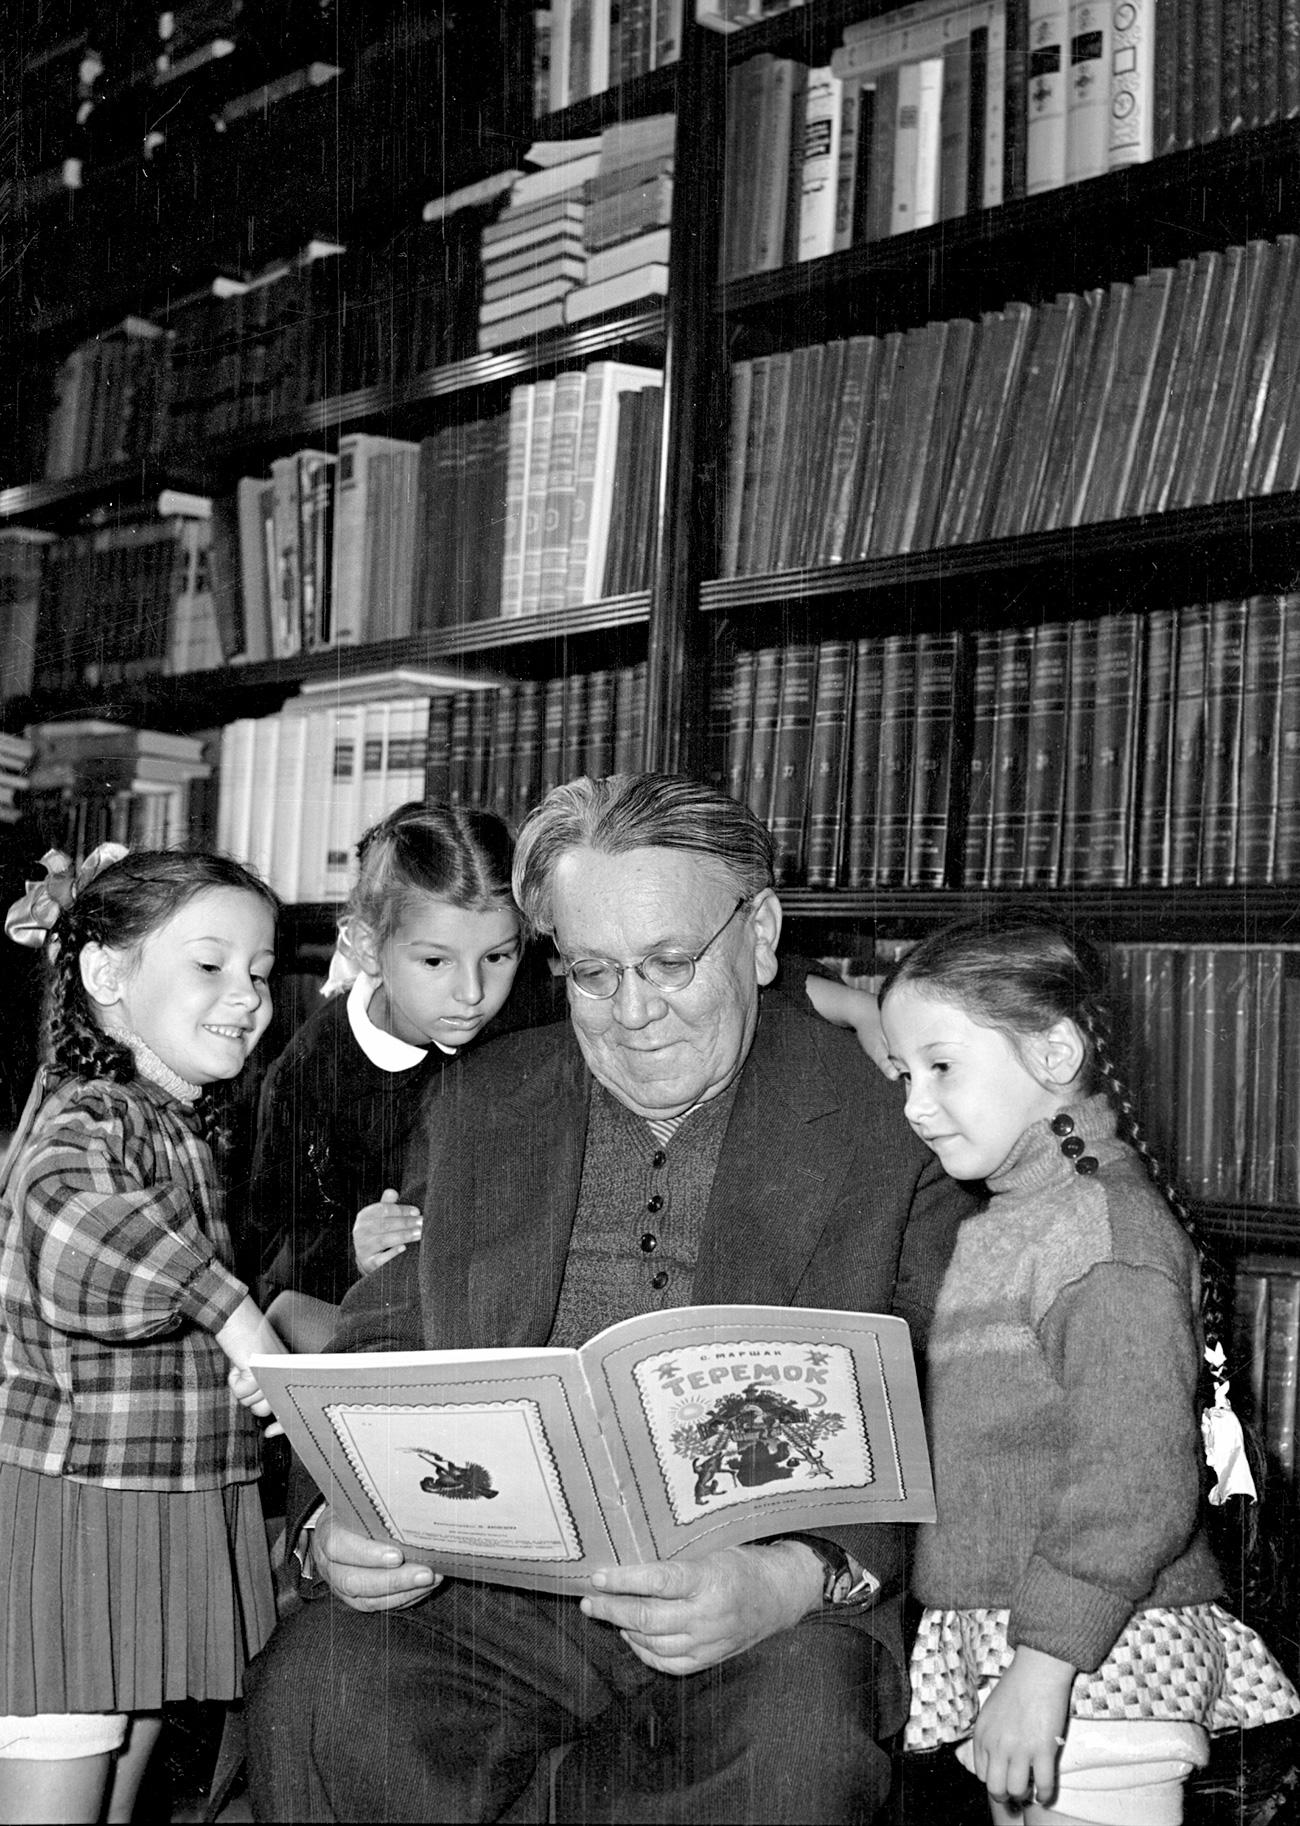 Marchak lê seu 'Teremok' para crianças. Foto: Michael Trahman/RIA Nôvosti